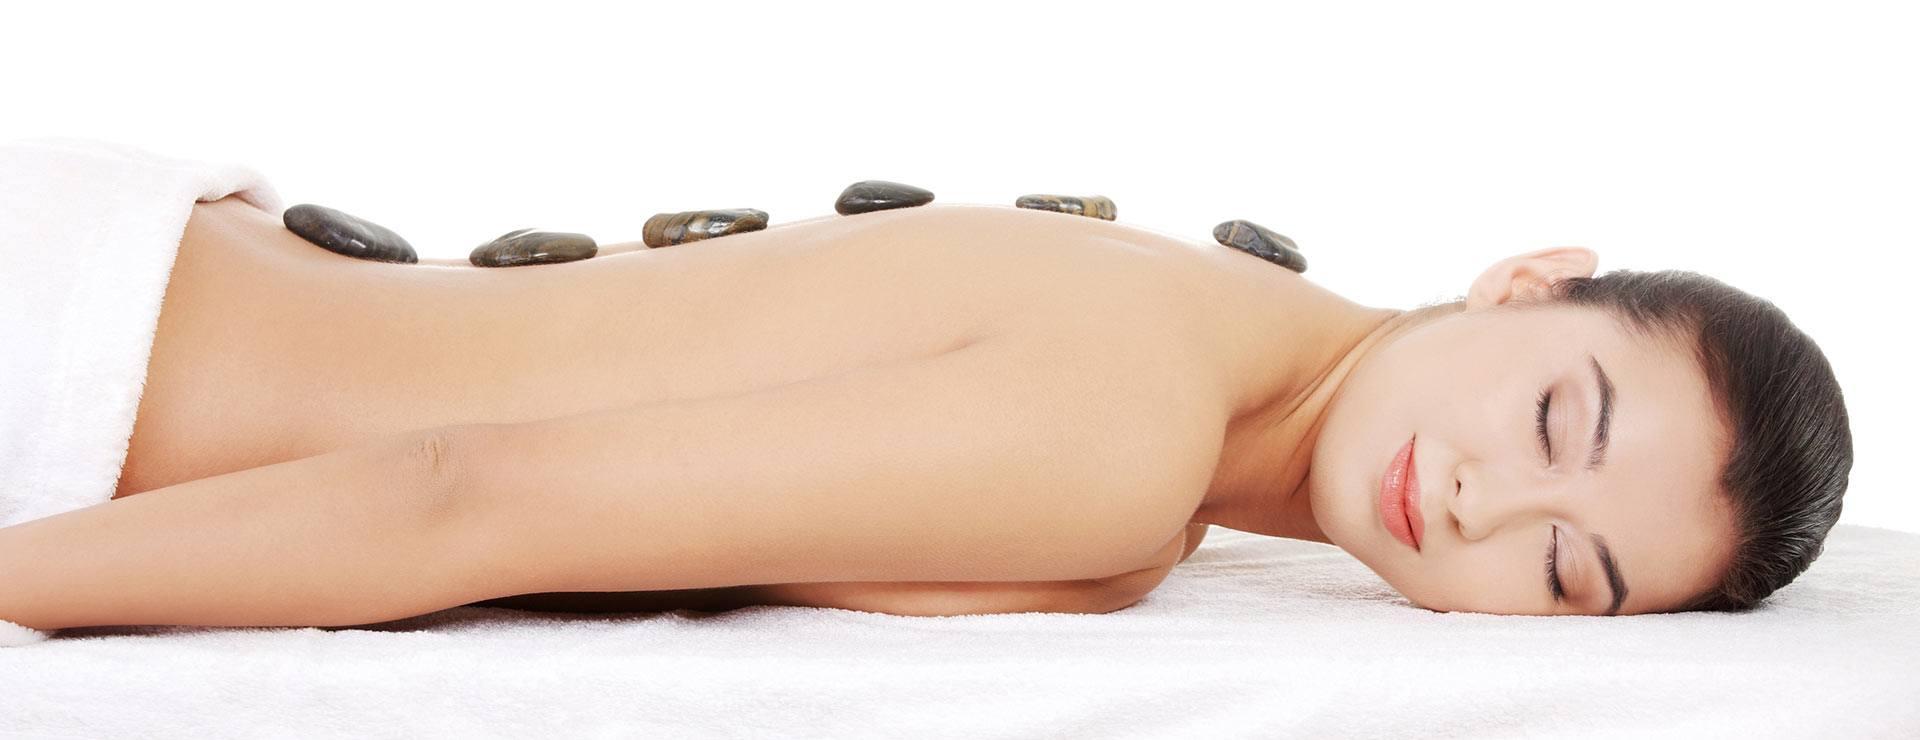 Massatge amb pedres volcàniques calentes